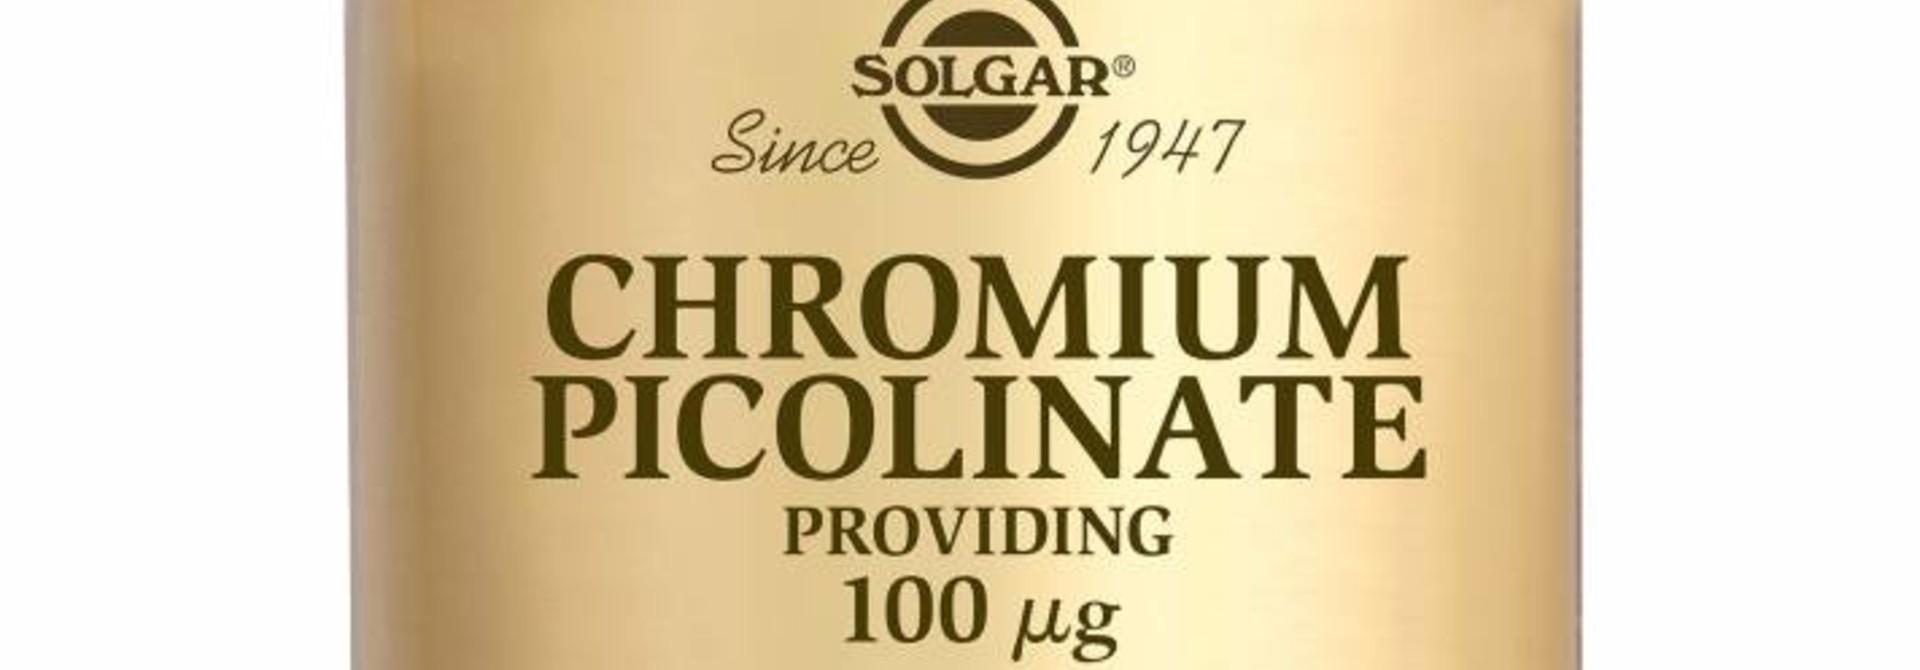 Chromium Picolinate 100 µg 90 tabletten